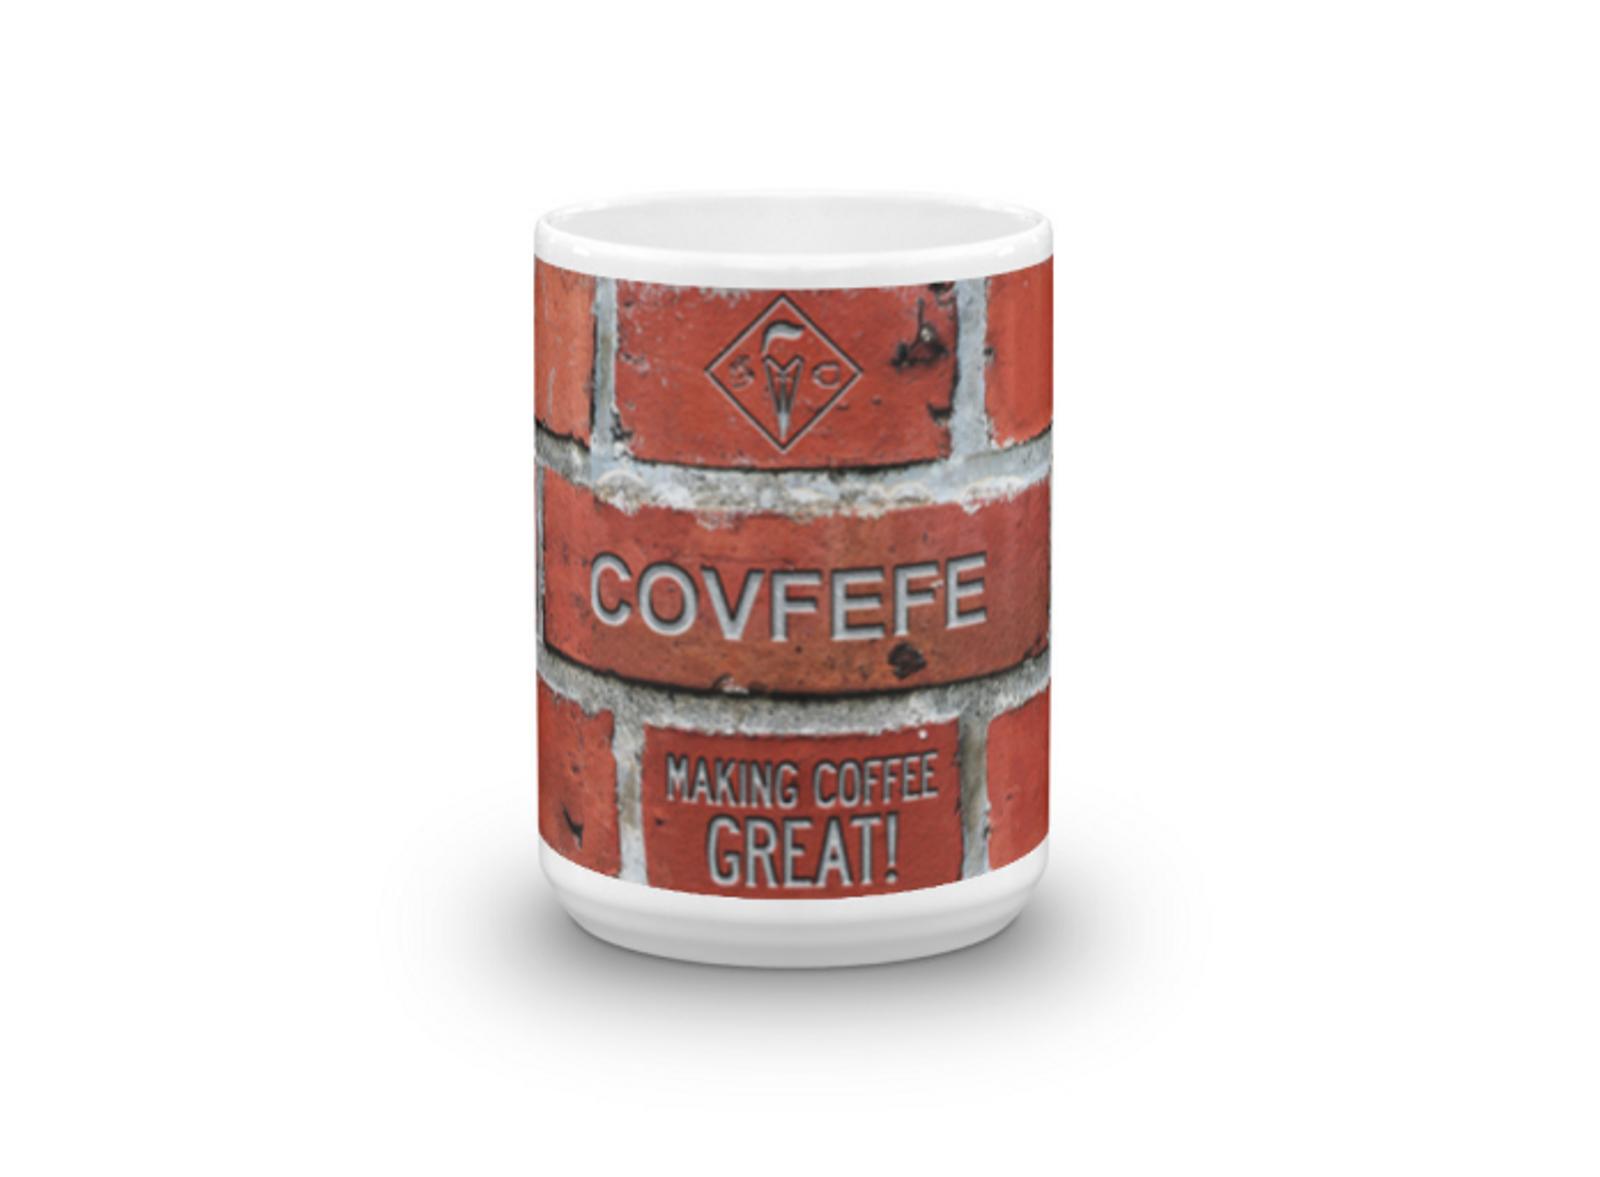 COVFEFE Wall Mug